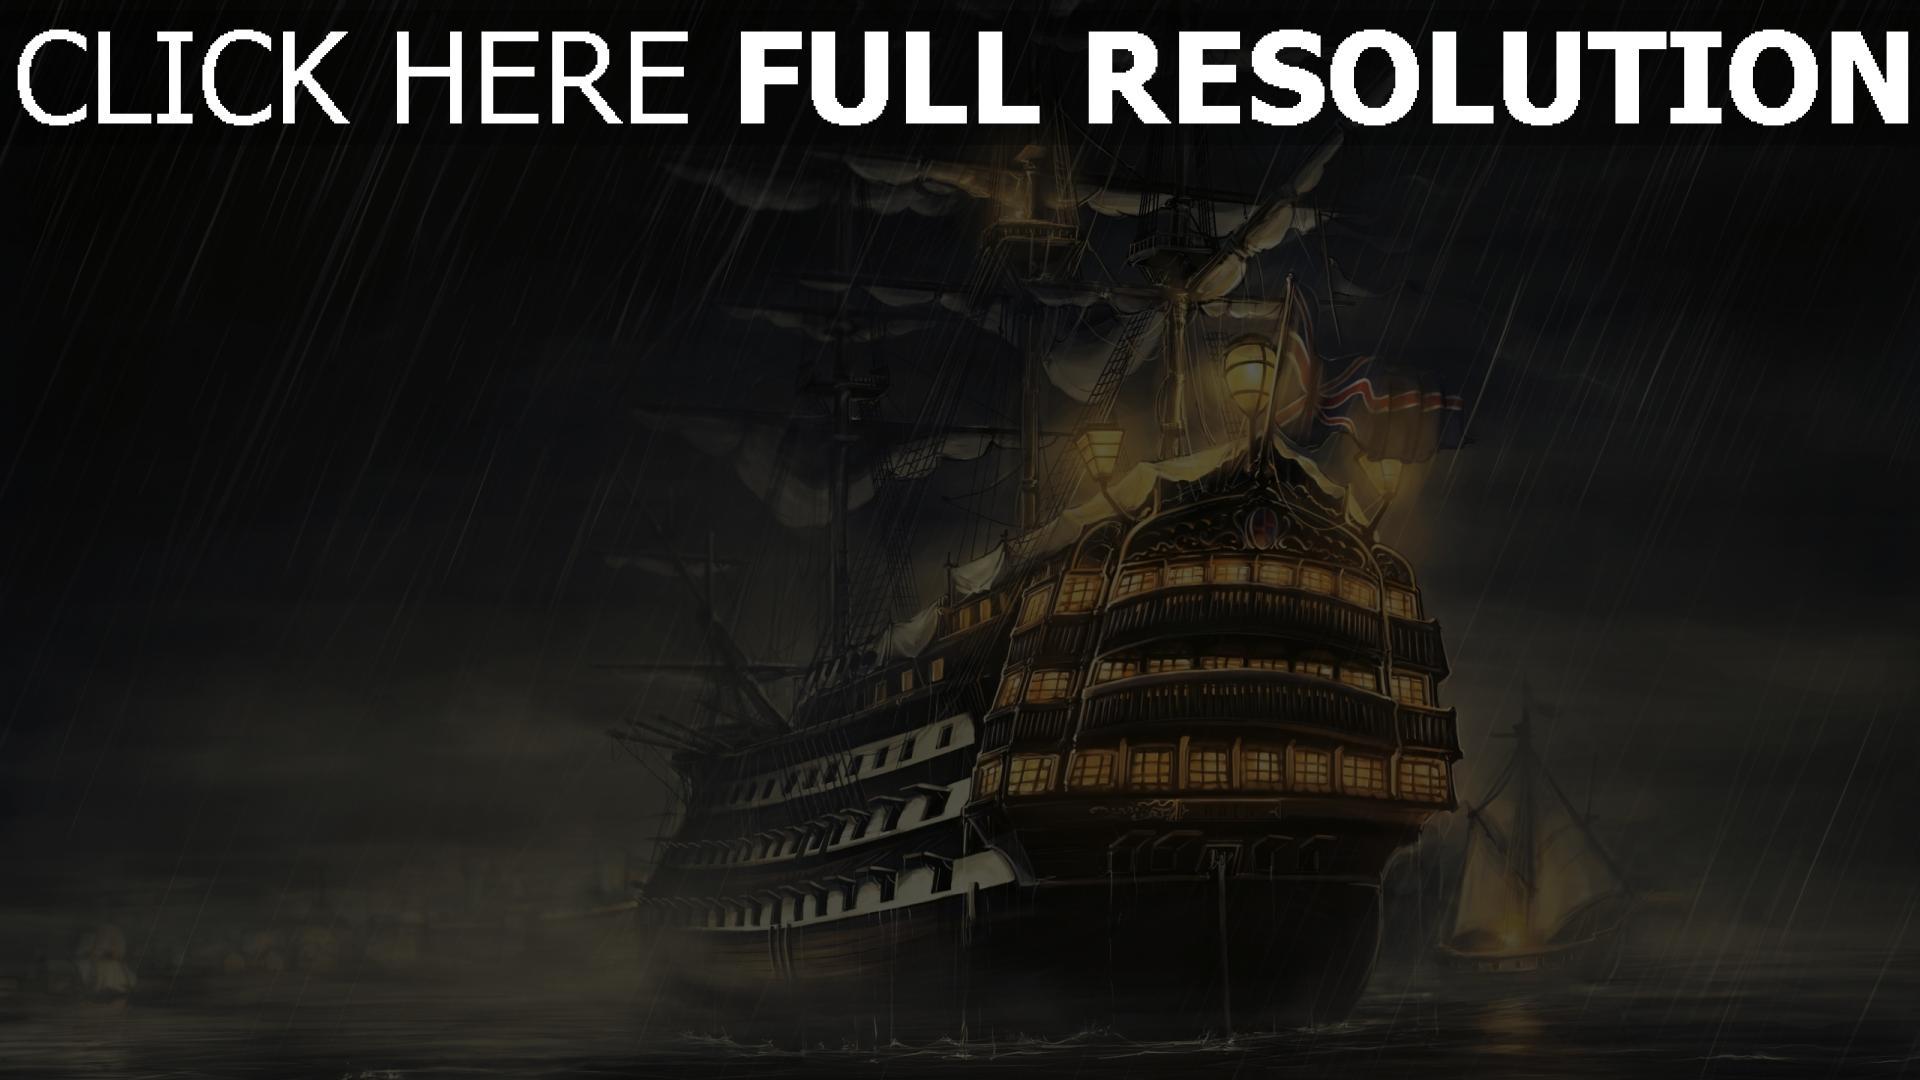 hd hintergrundbilder regen meer schiffe licht 1920x1080